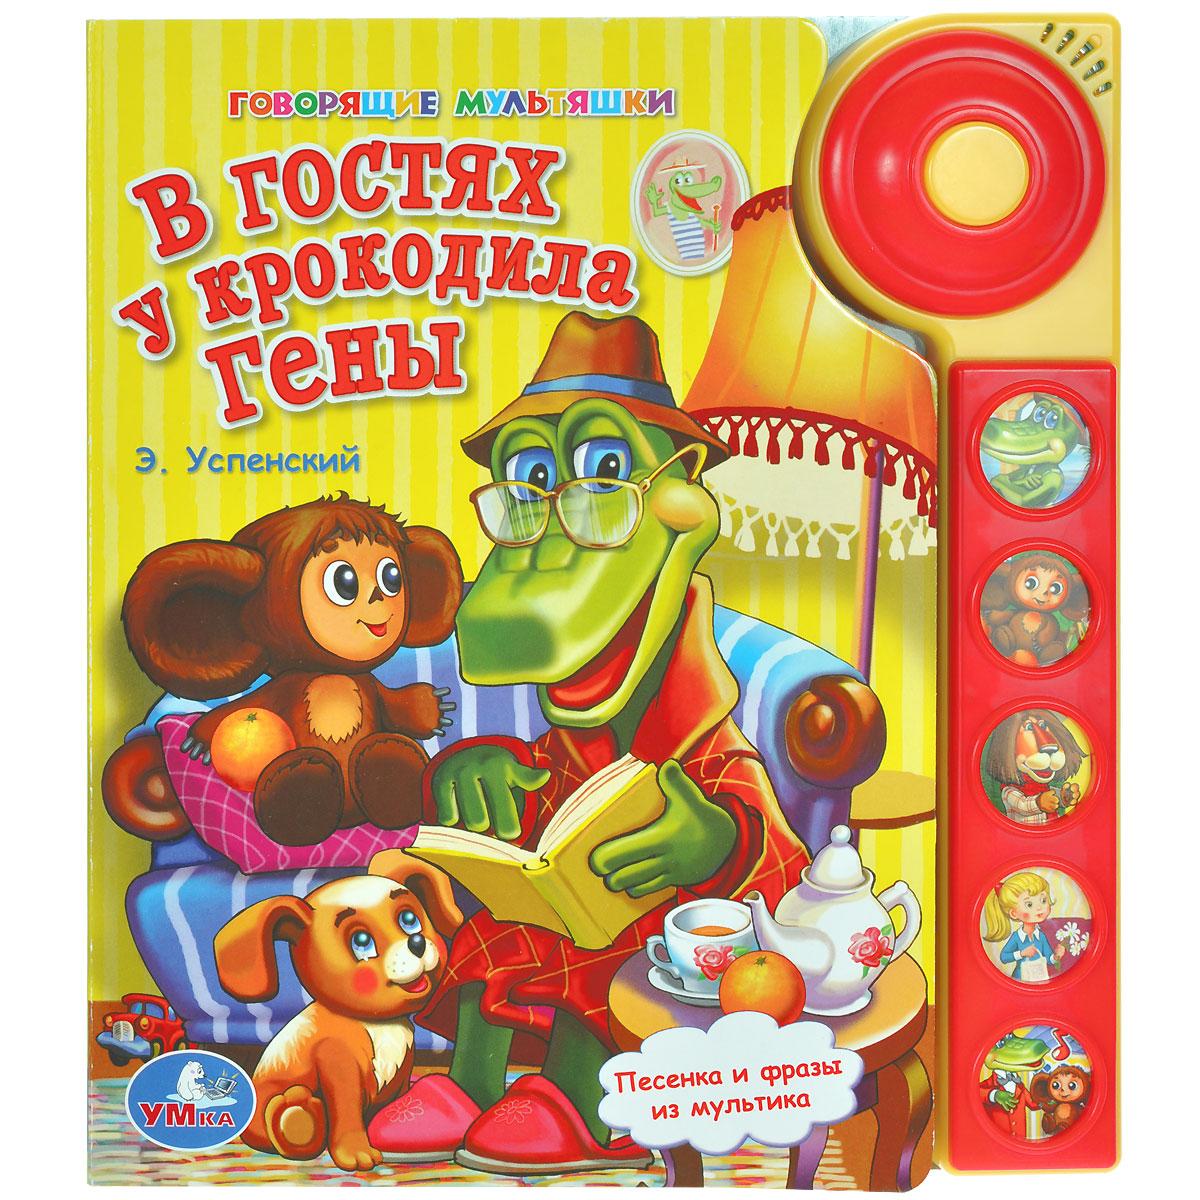 В гостях у крокодила Гены. Книжка-игрушка12296407Книга способствует развитию памяти, внимания, мышления, слухового и зрительного восприятия. Эта звуковая книга очень понравится вашему малышу своими красочными иллюстрациями, веселыми звуками и яркими фразами из мультфильма, интересным текстом и юмористическими моментами. Для чтения взрослыми детям.